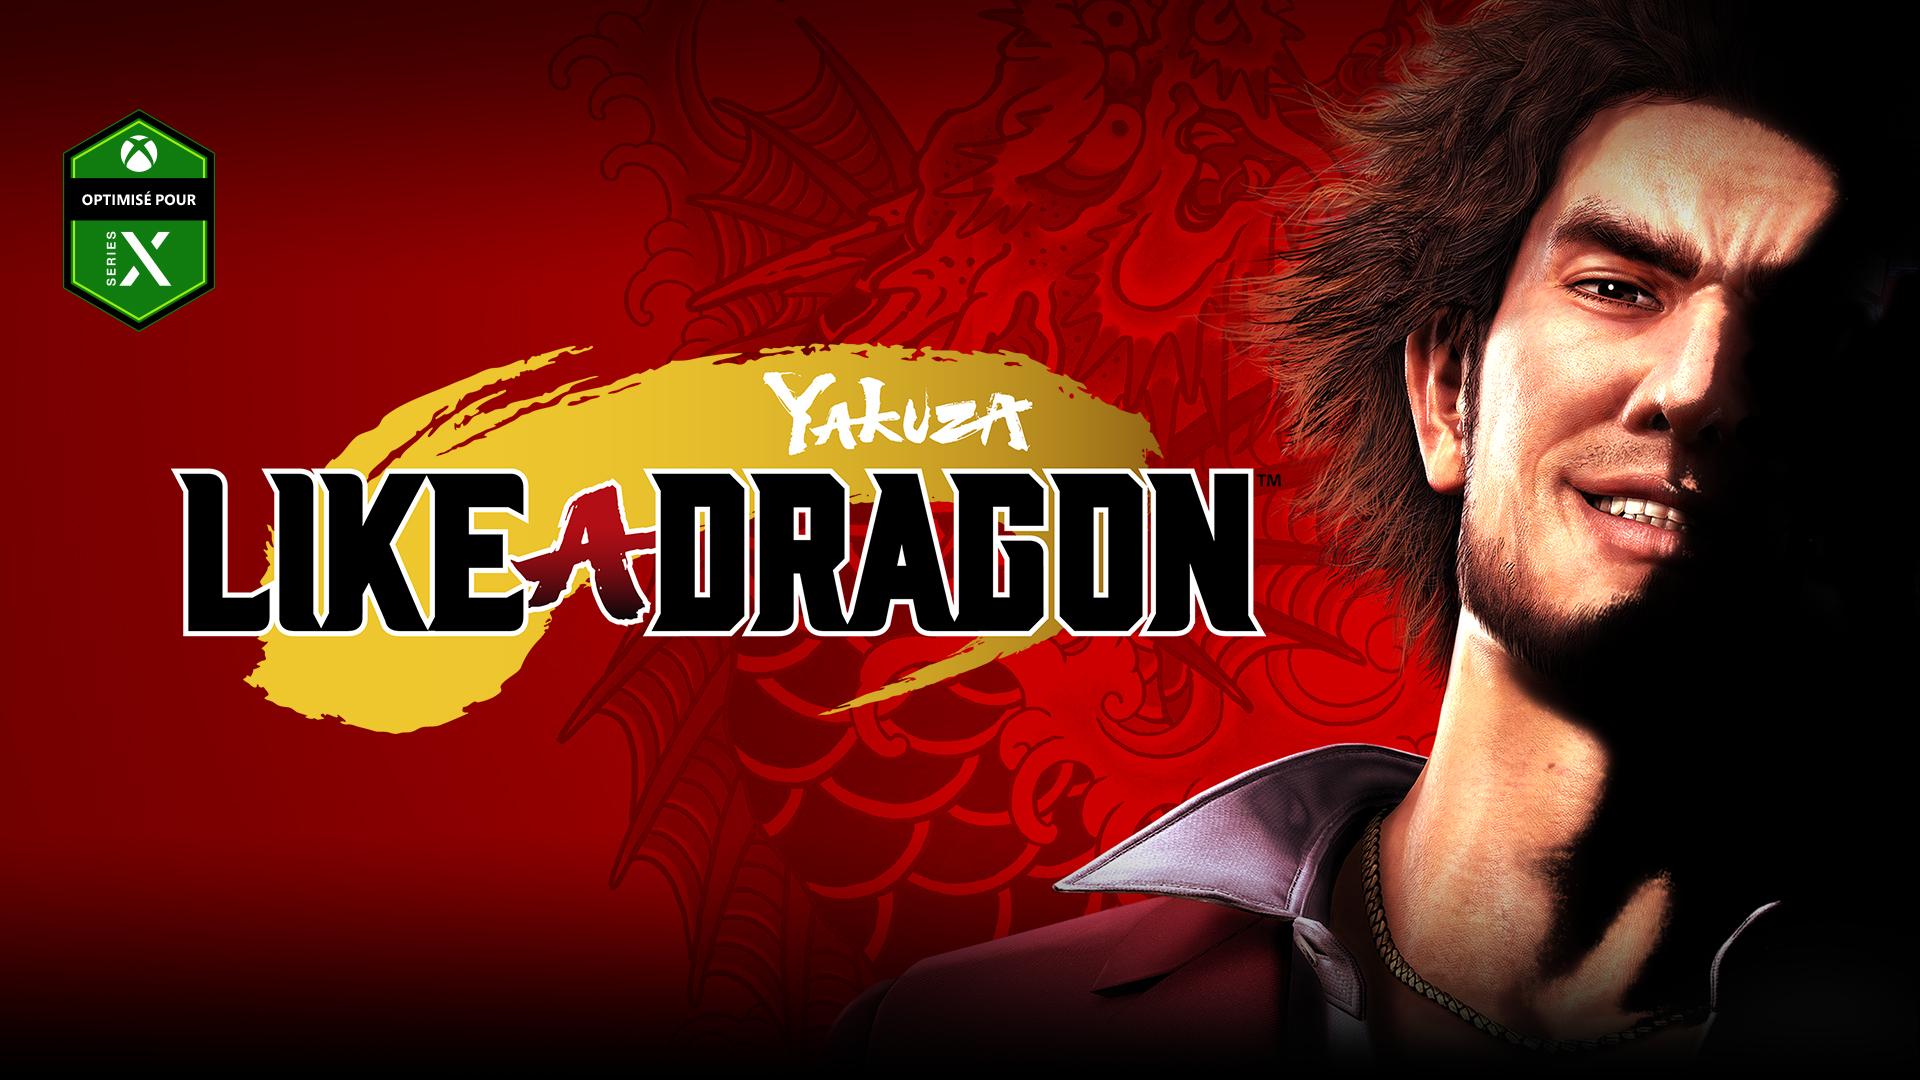 Dans Yakuza: Like a Dragon, Ichiban sourit avec un dragon rouge en arrière-plan.